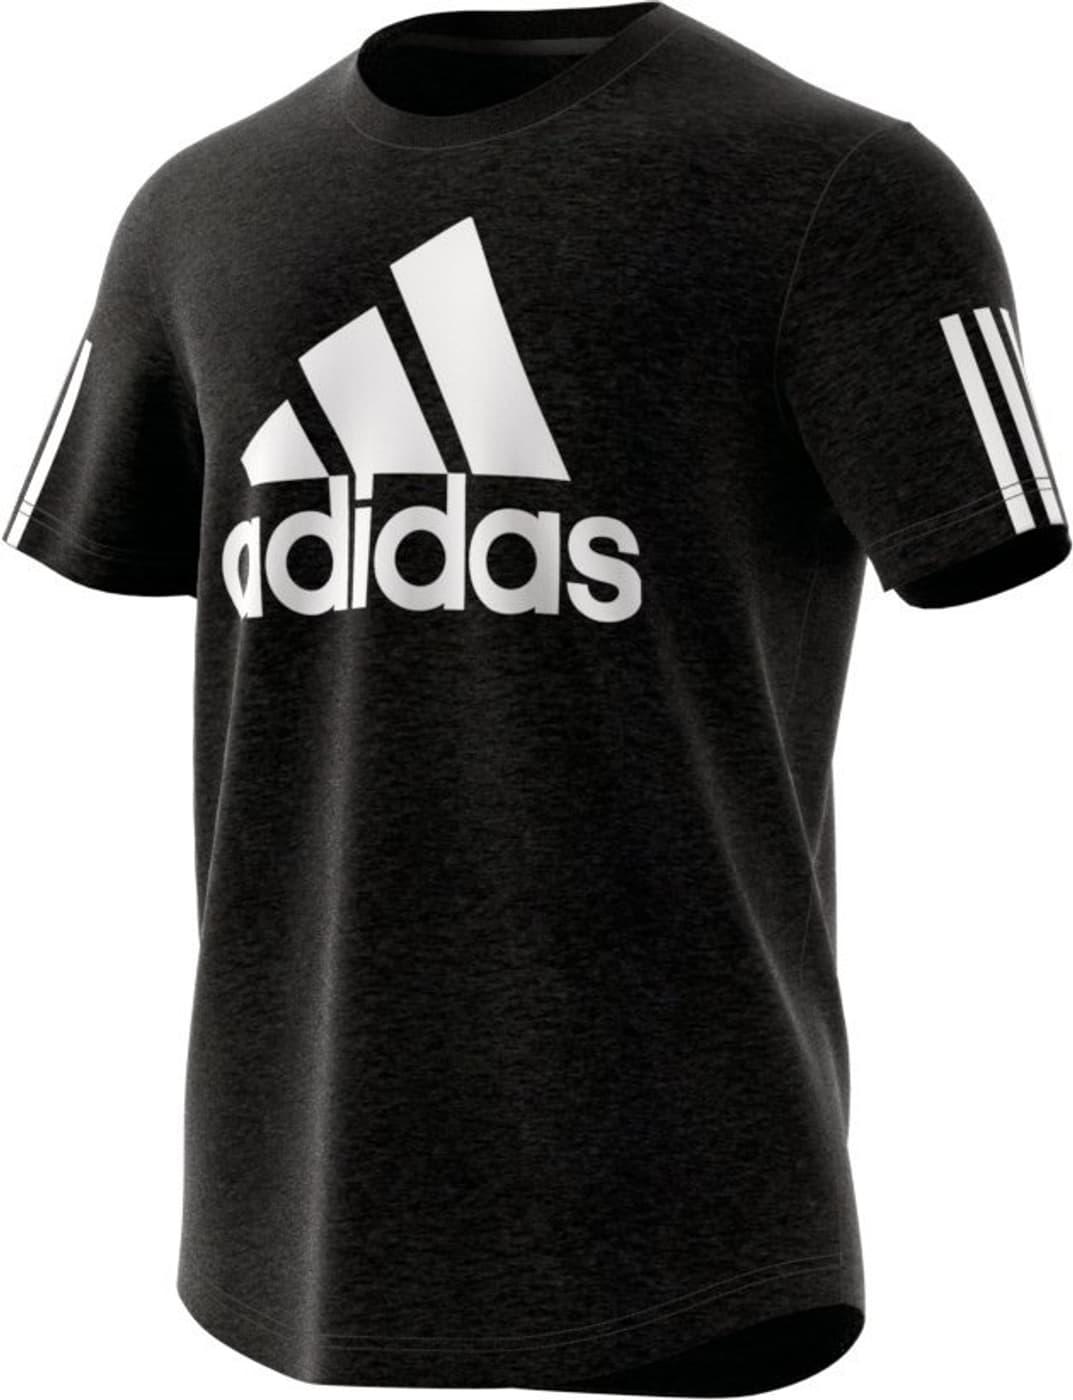 tee shirt sport homme adidas